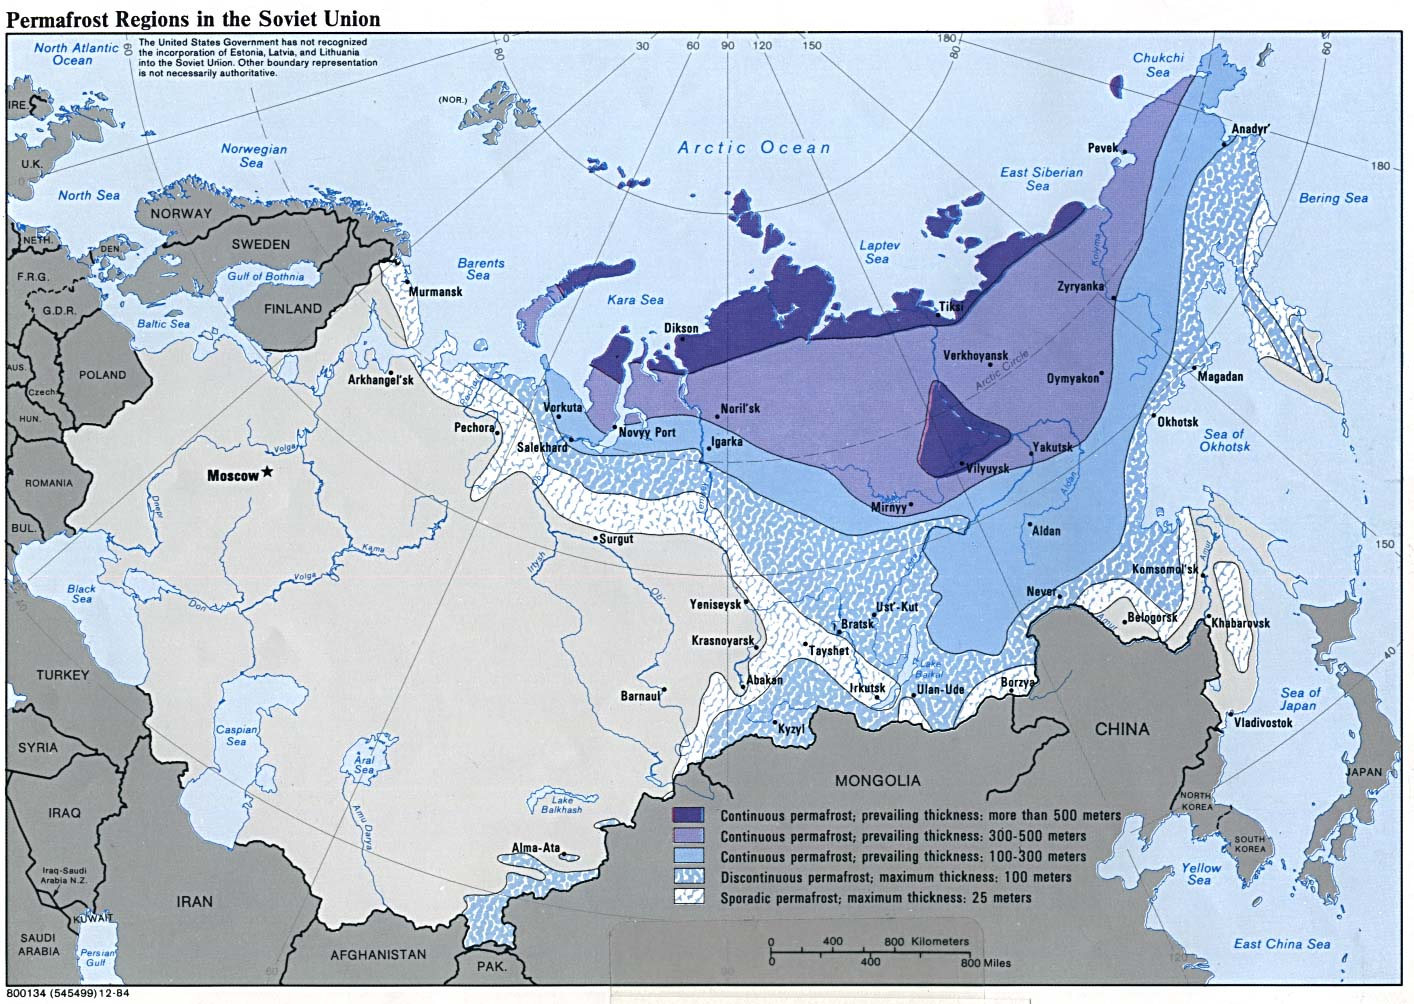 Mapa de las Regiones de Permafrost en la ex Unión Soviética